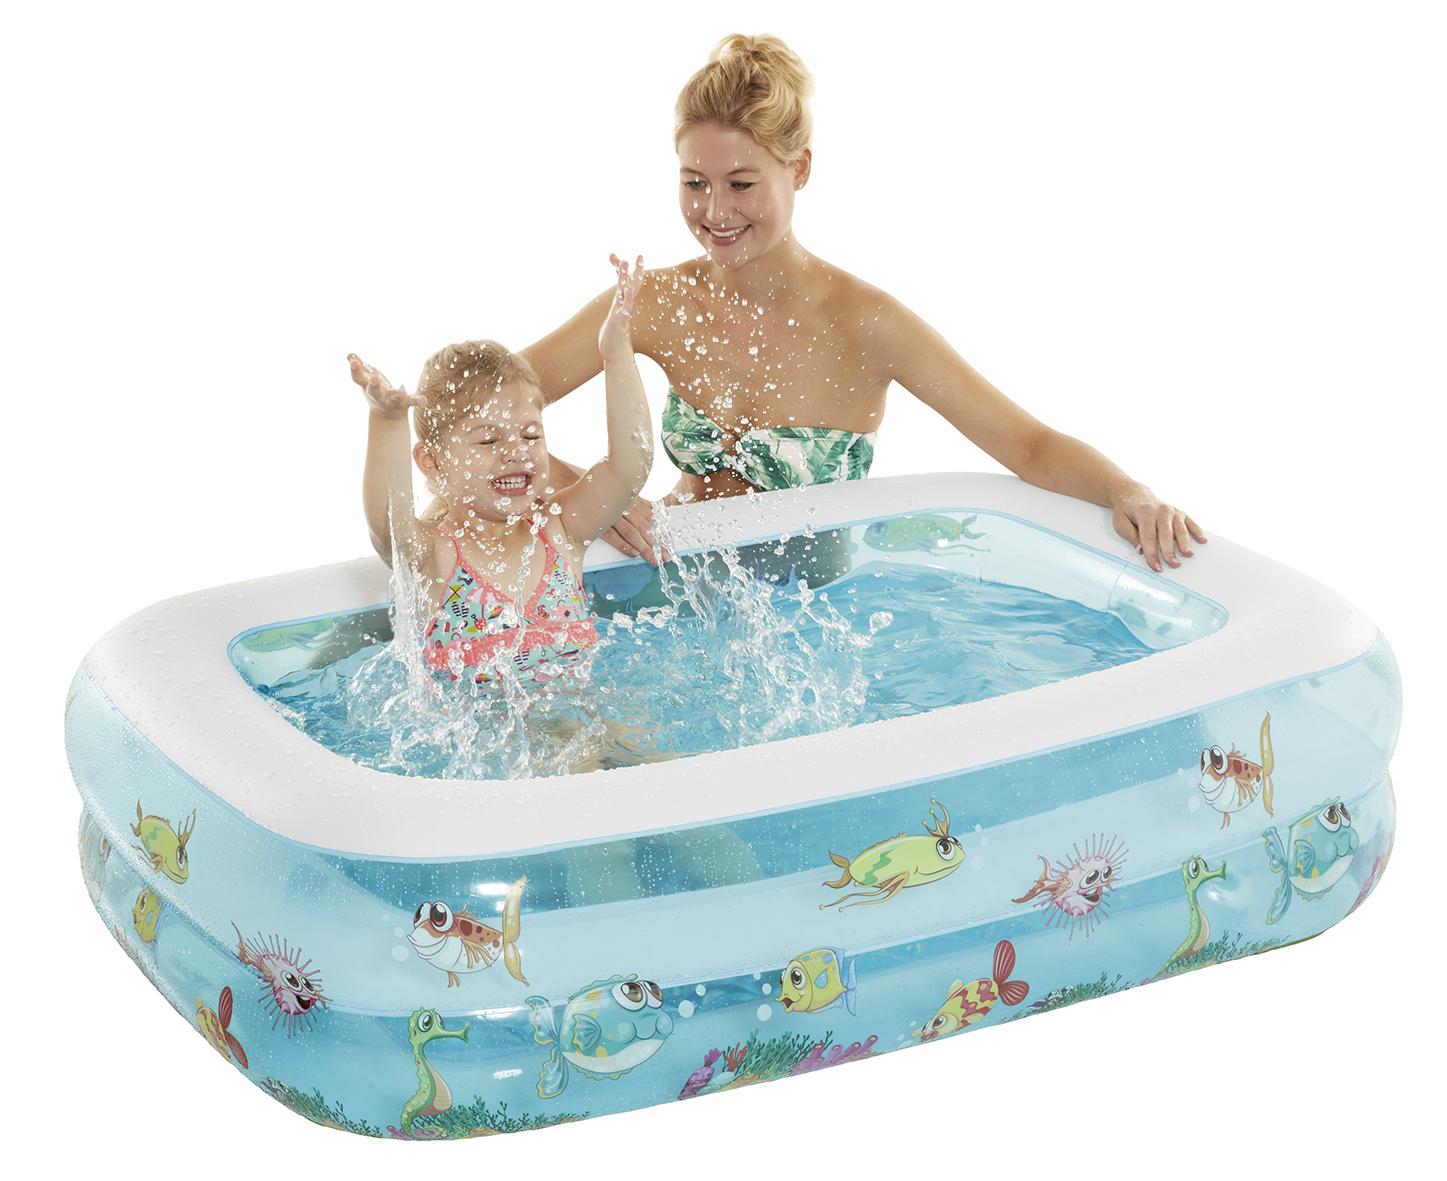 kinderplanschbecken kinderpool planschbecken schwimmbad my first